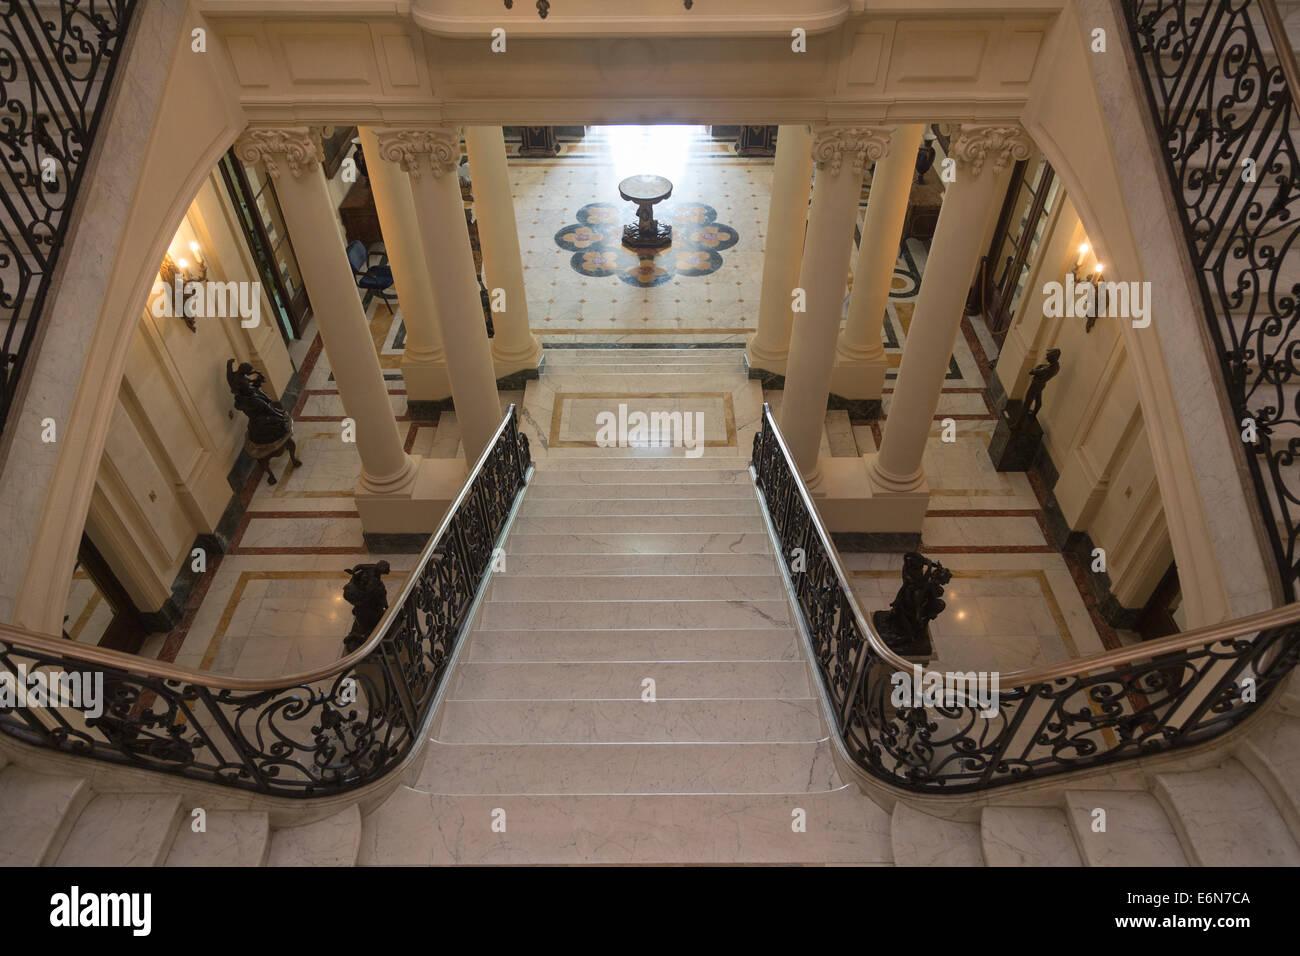 Dettaglio della rampa di scale, Museo di Arti Decorative, Havana, Cuba Immagini Stock